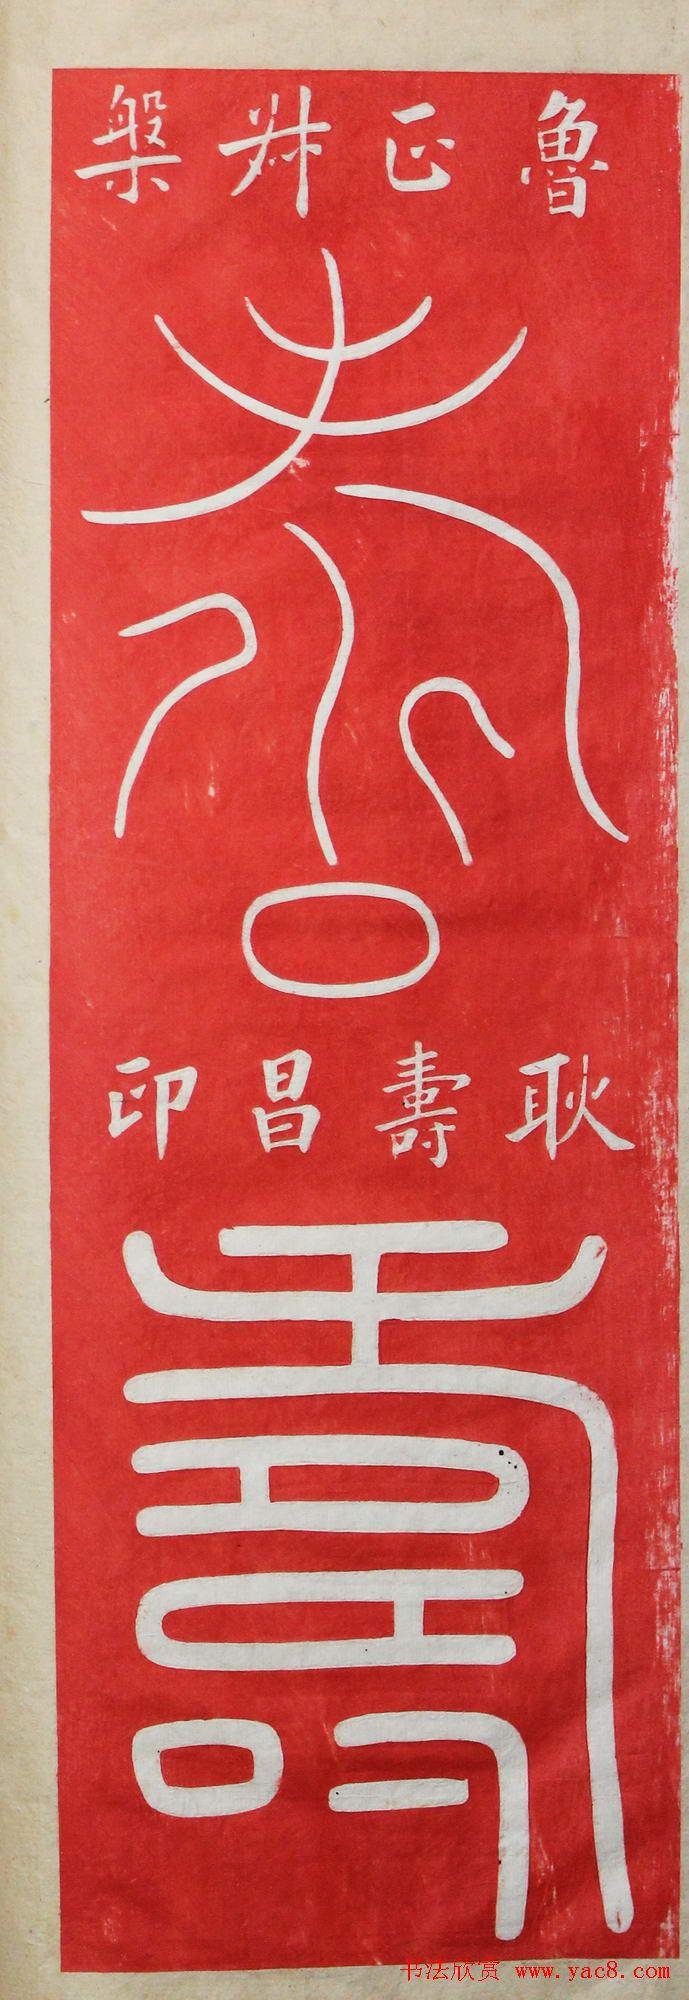 书写大全王福厂篆书120种 第46页 书法专题 书法欣赏